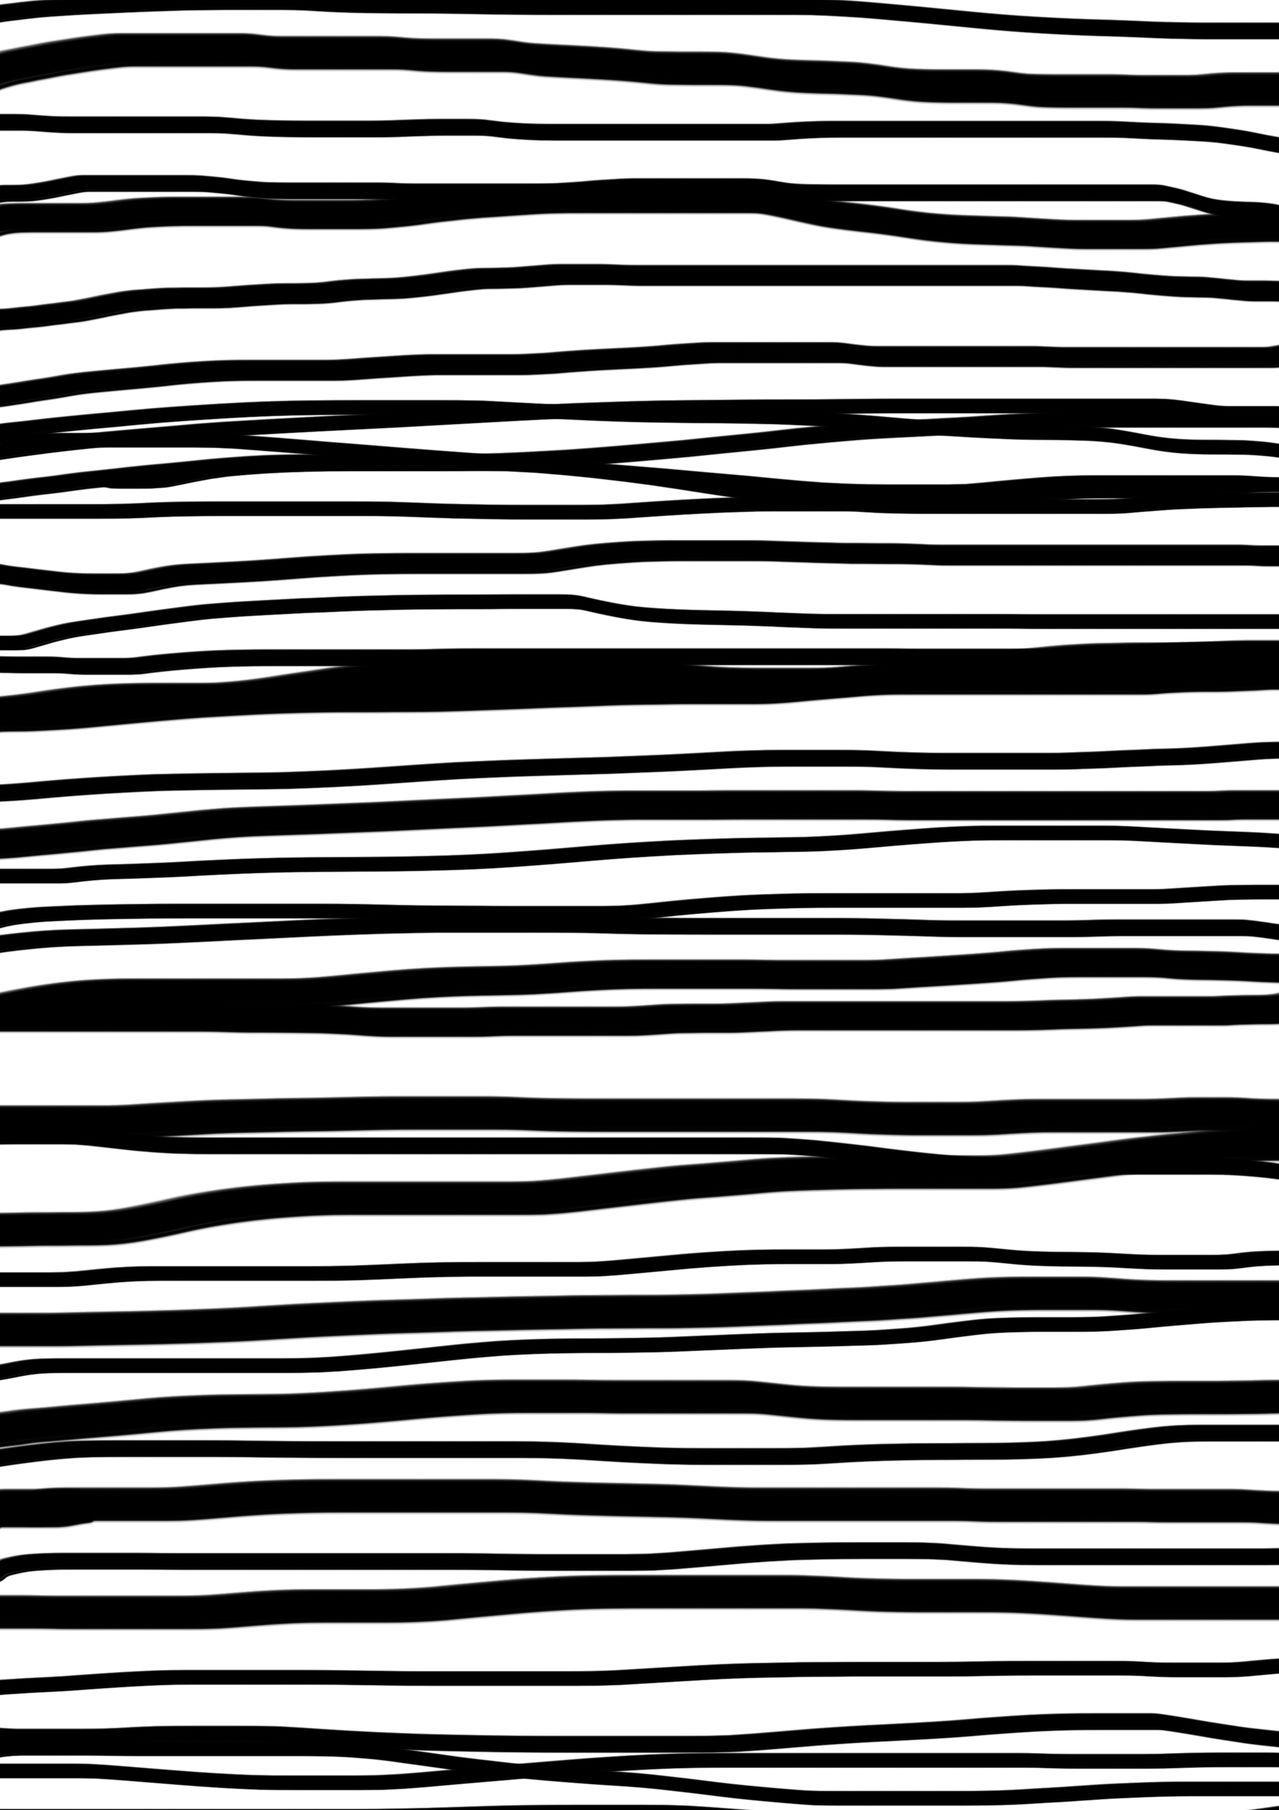 Stripes_by_Maiko_Nagao.jpg (JPEG obrázek, 1279×1810 bodů) - Měřítko (50%)